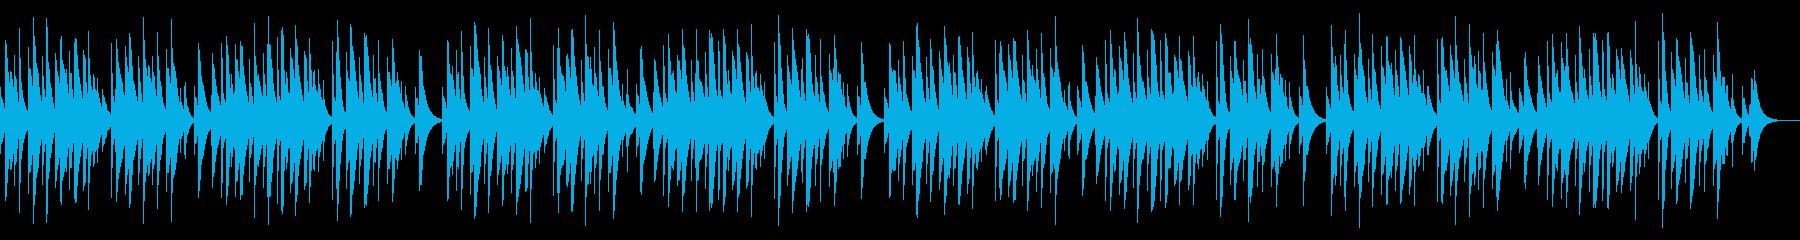 蛍の光 カード式オルゴールの再生済みの波形